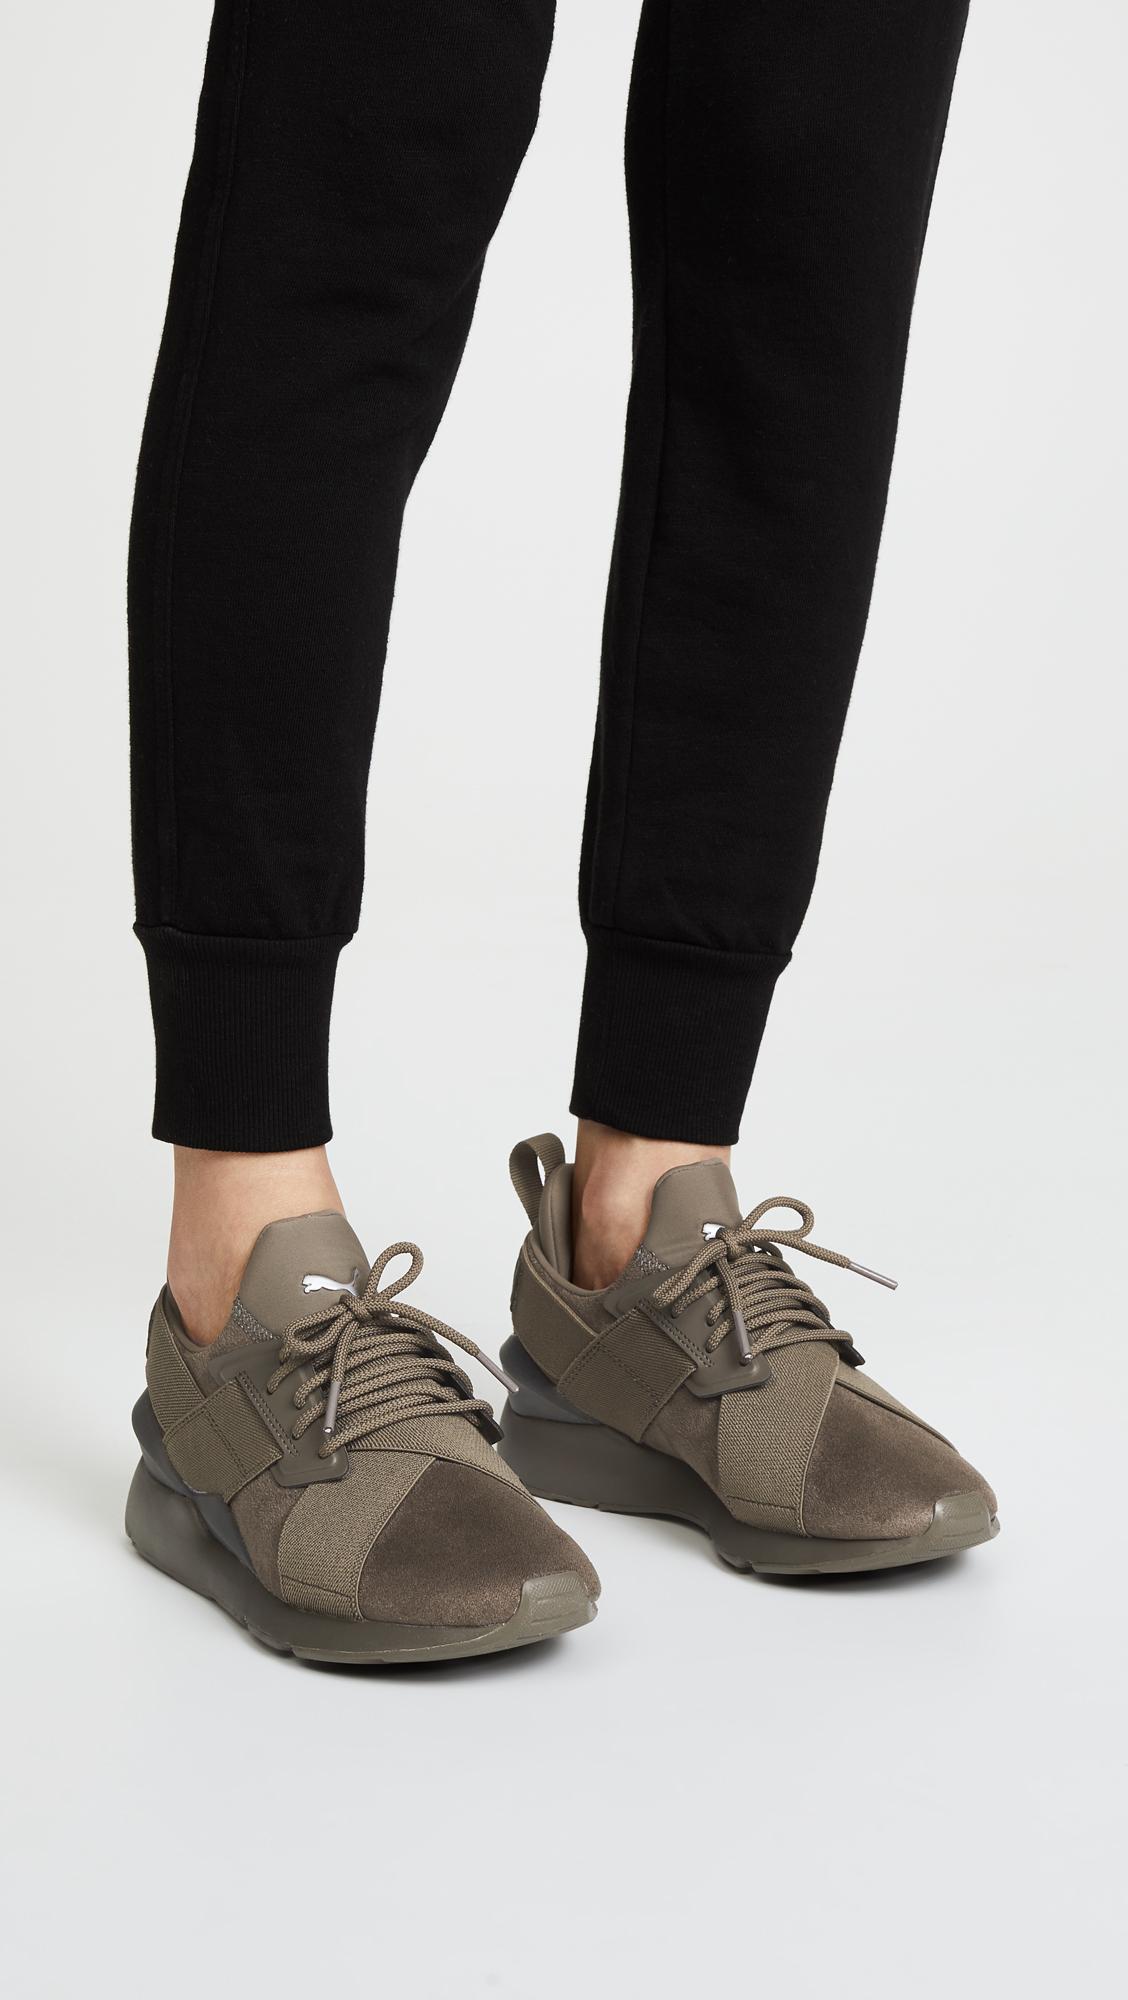 8bae16dbf14e PUMA Muse Sneakers